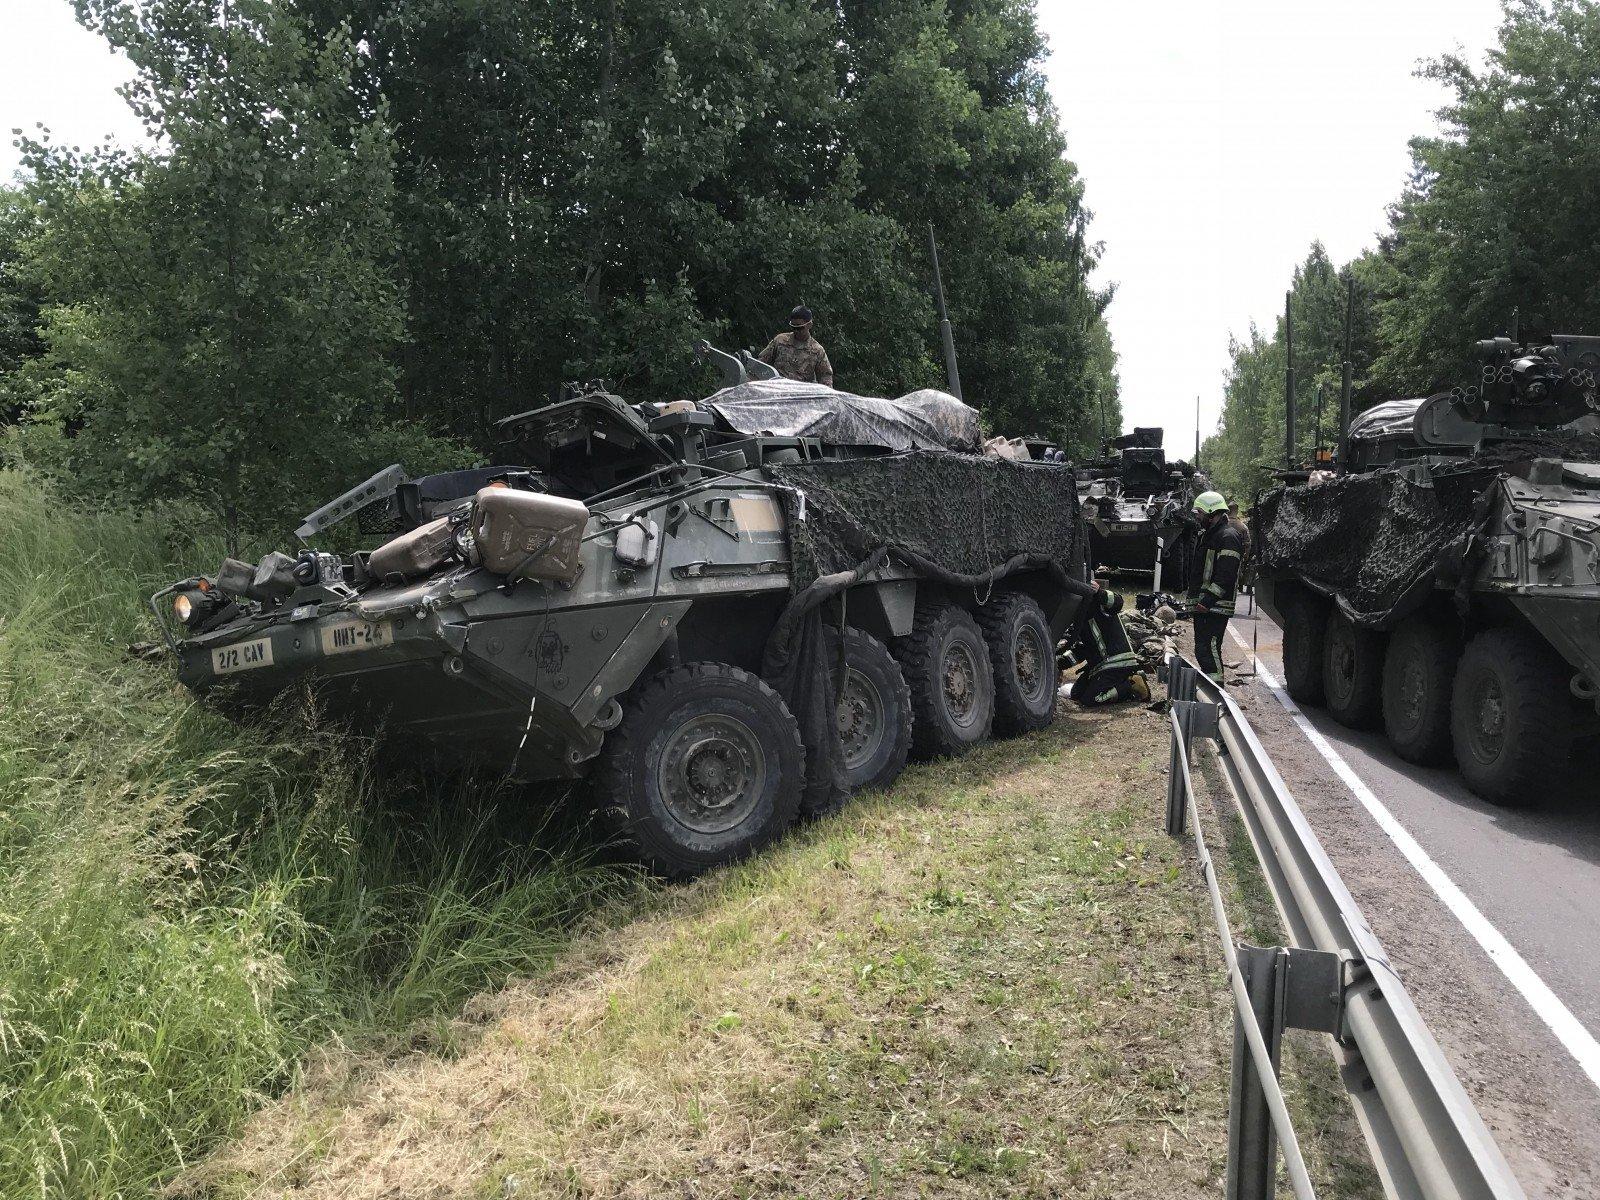 ВЛитве столкнулись 4 военных бронемашины